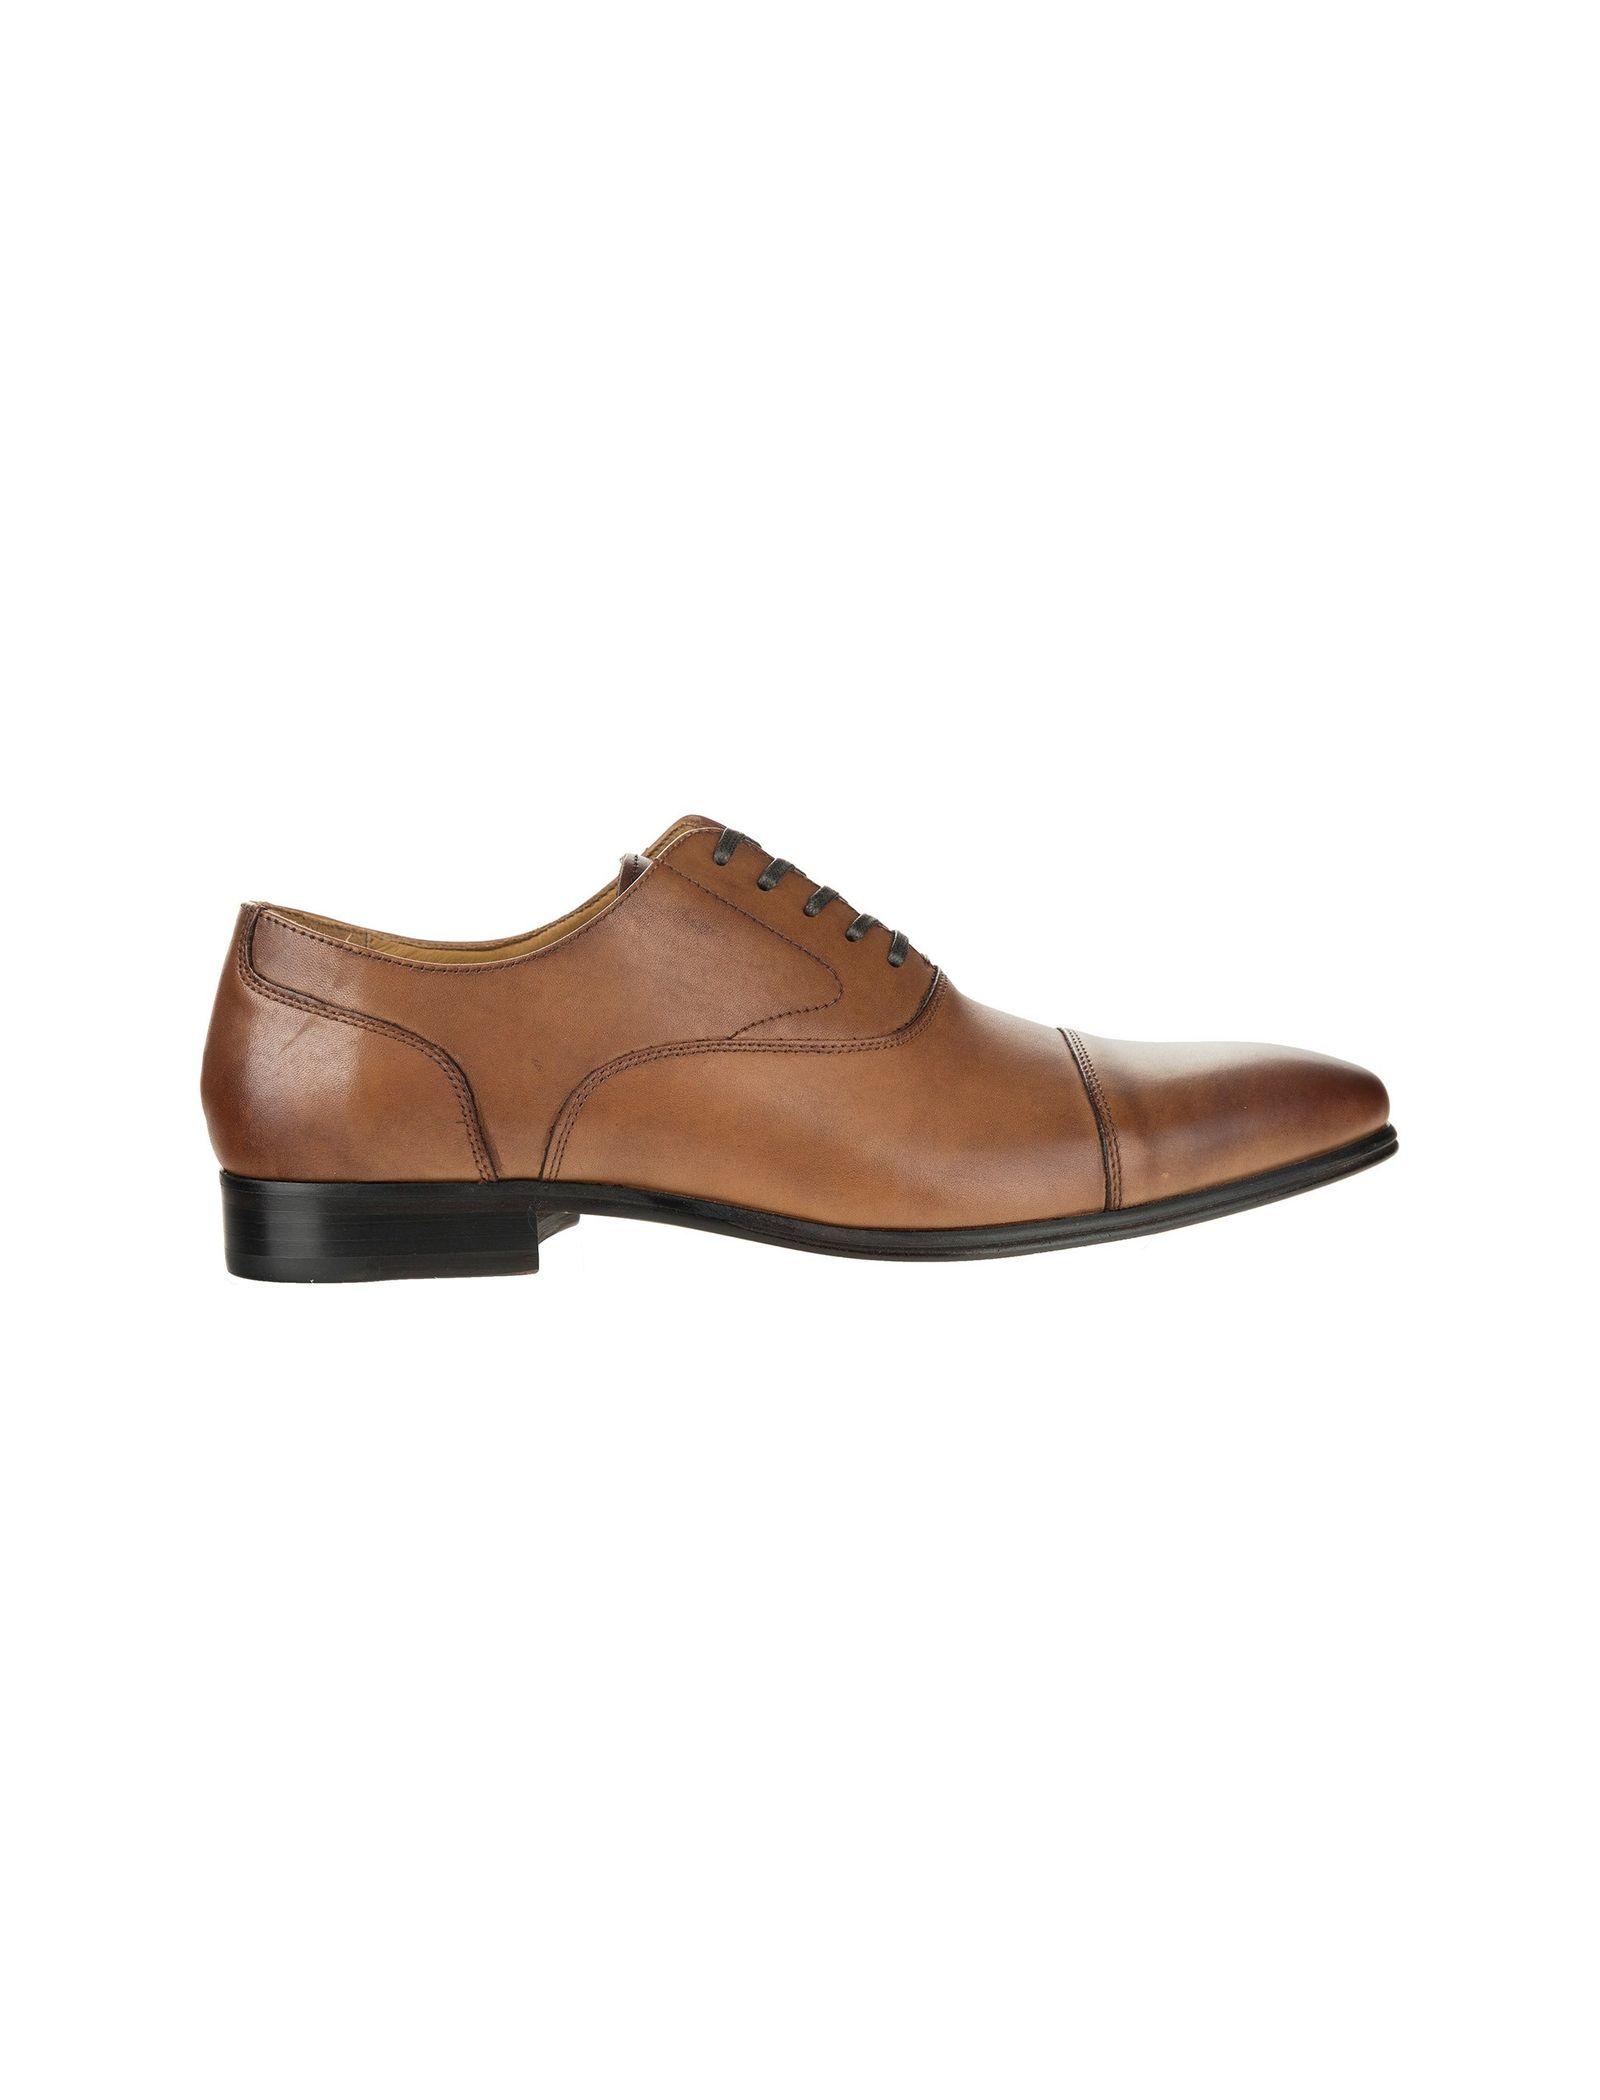 کفش رسمی چرم مردانه - آلدو - قهوه اي روشن - 1